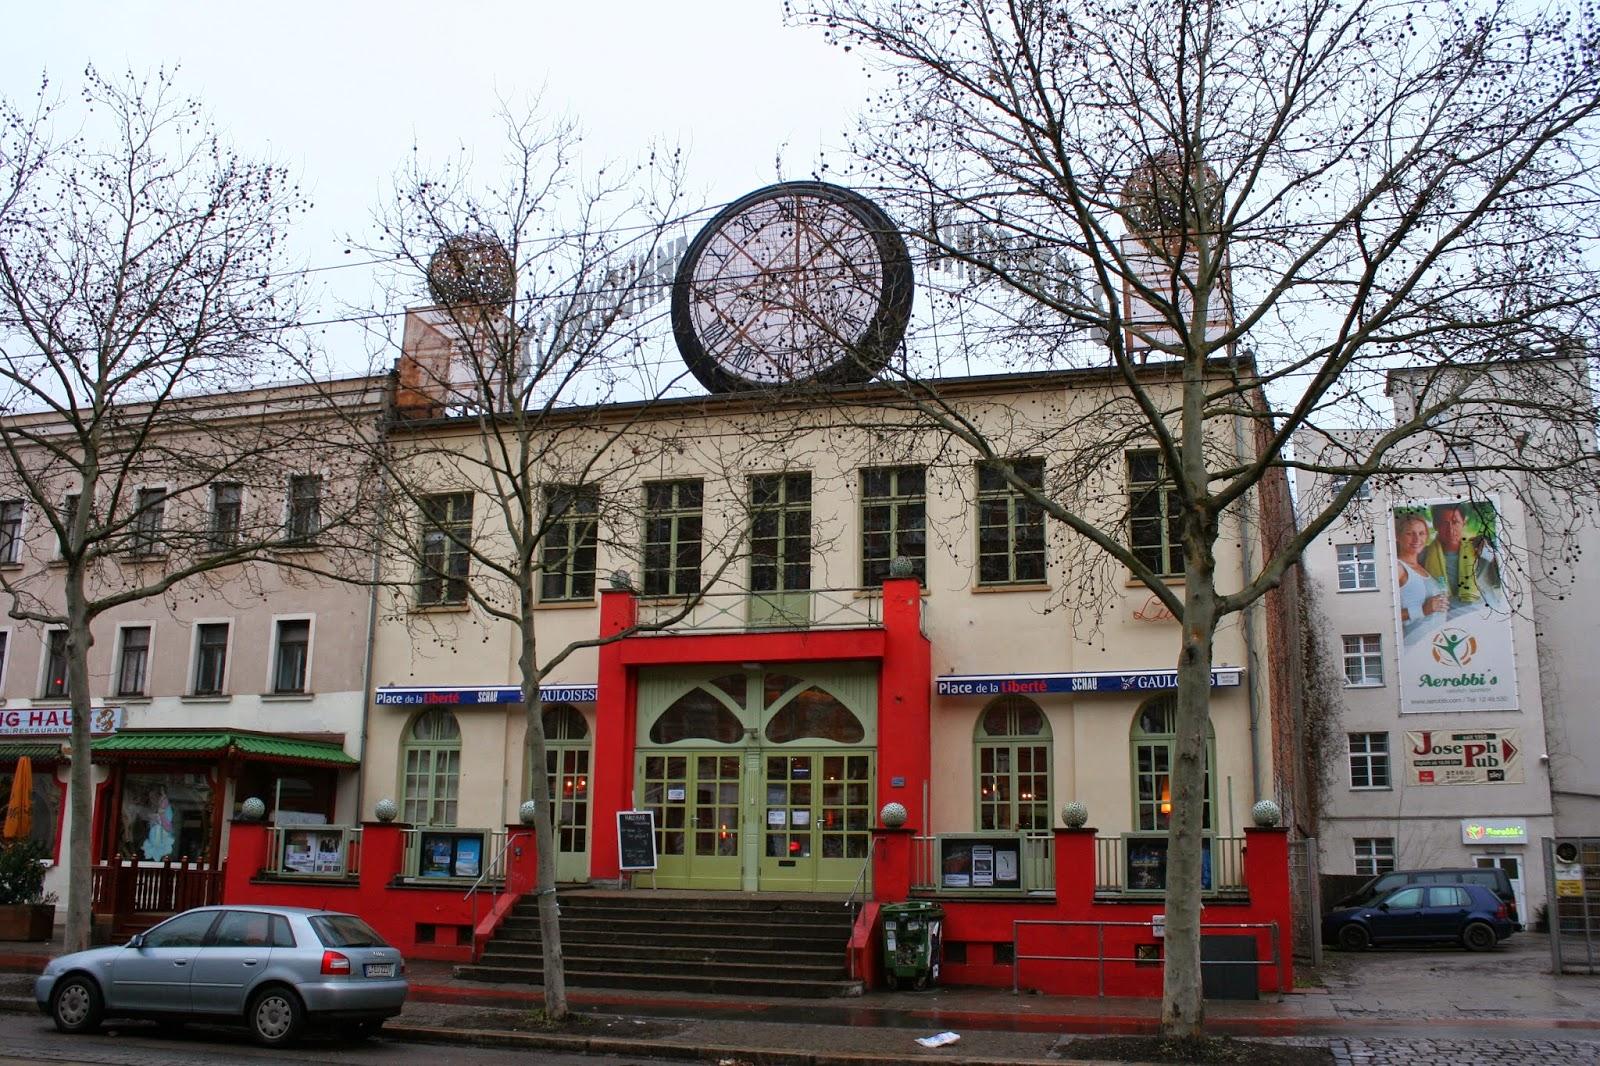 """Die traditionsreiche """"Schaubühne Lindenfels"""" ist eine bedeutende Leipziger Kultureinrichtung mit Kino, Saal, Cafe sowie Restaurant und befindet sich an der Karl-Heine-Straße 50 im Stadtteil Plagwitz - das Gebäude wurde 1874 als Gesellschaftshalle für Tanzveranstaltungen errichtet"""